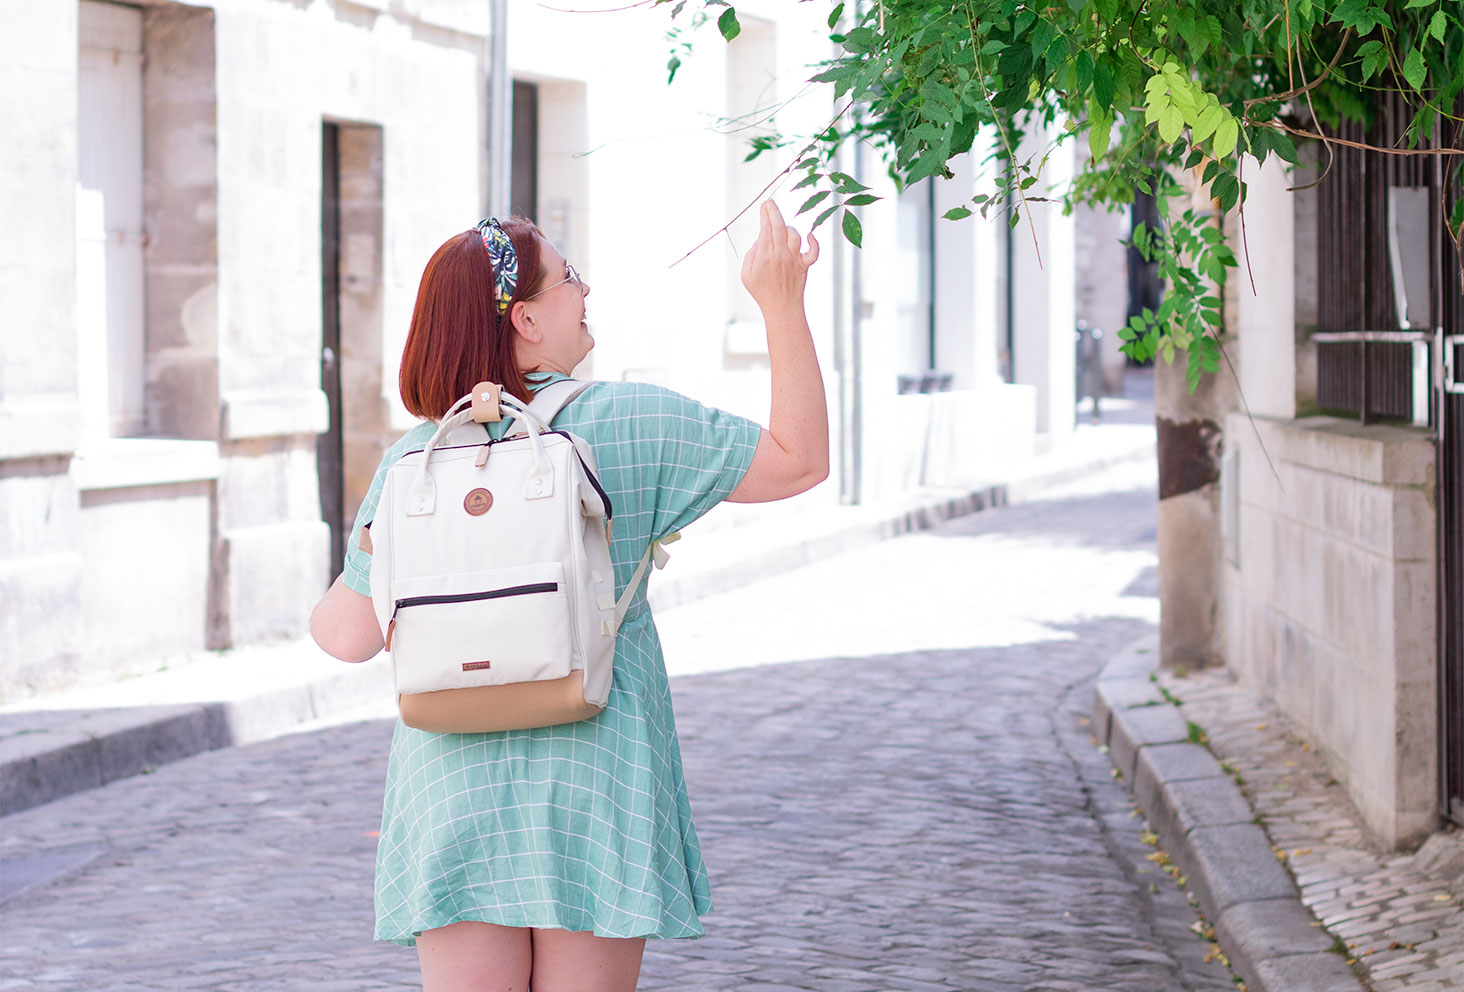 Le sac à dos beige Cabaïa porté de dos, une main dans les fleurs avec le sourire